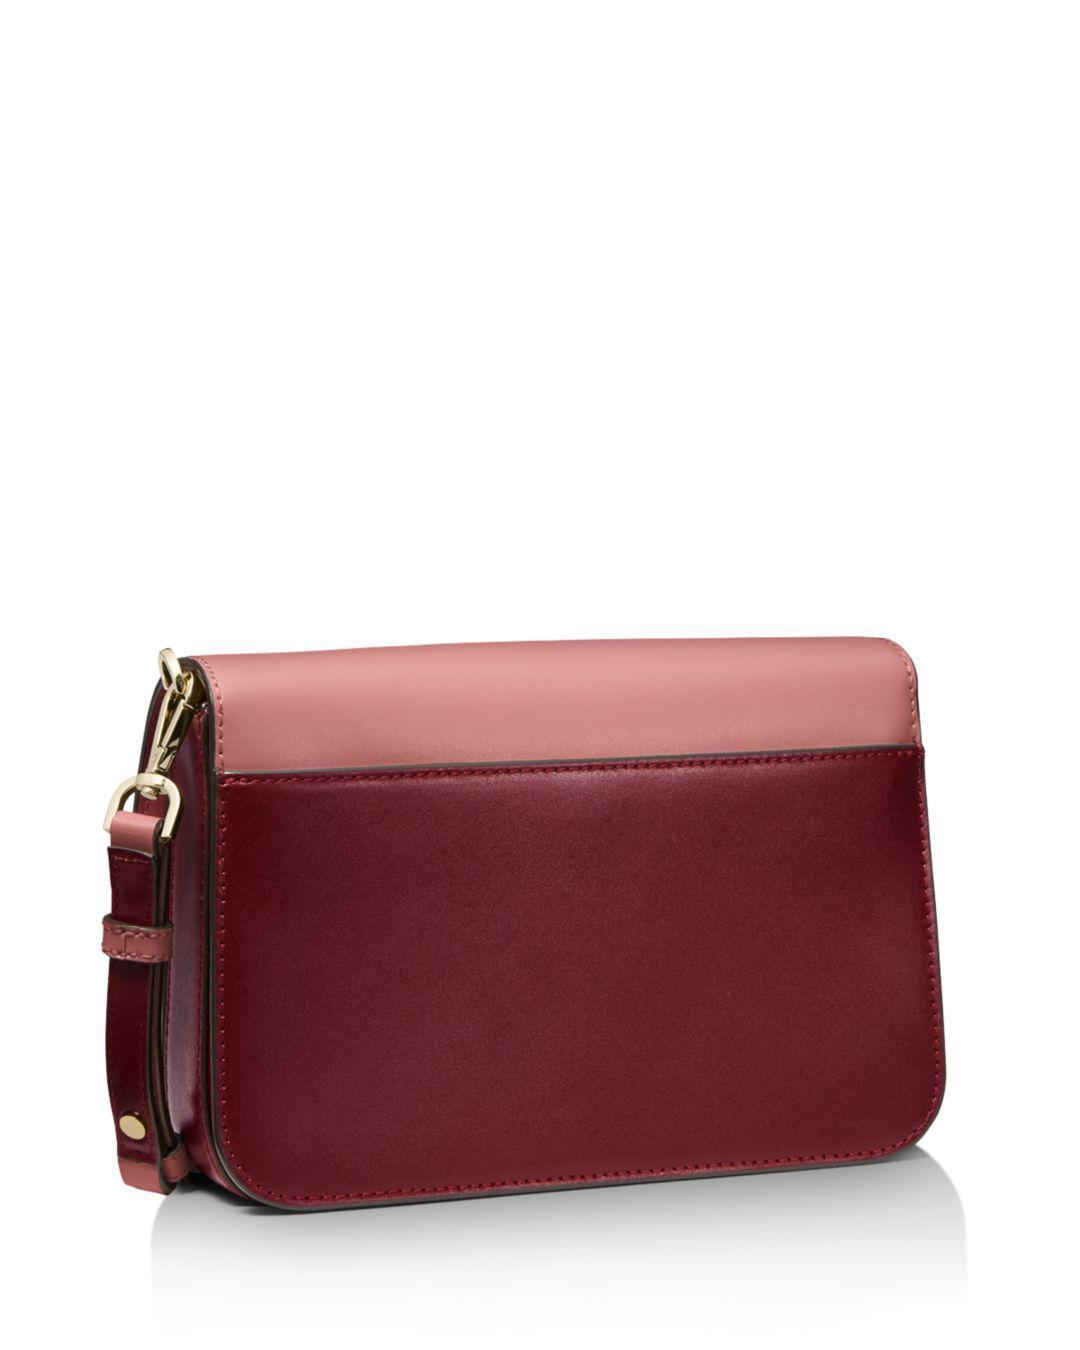 a9f179f03432 MICHAEL Michael Kors - Multicolor Sloan Editor Color Block Shoulder Bag -  Lyst. View fullscreen